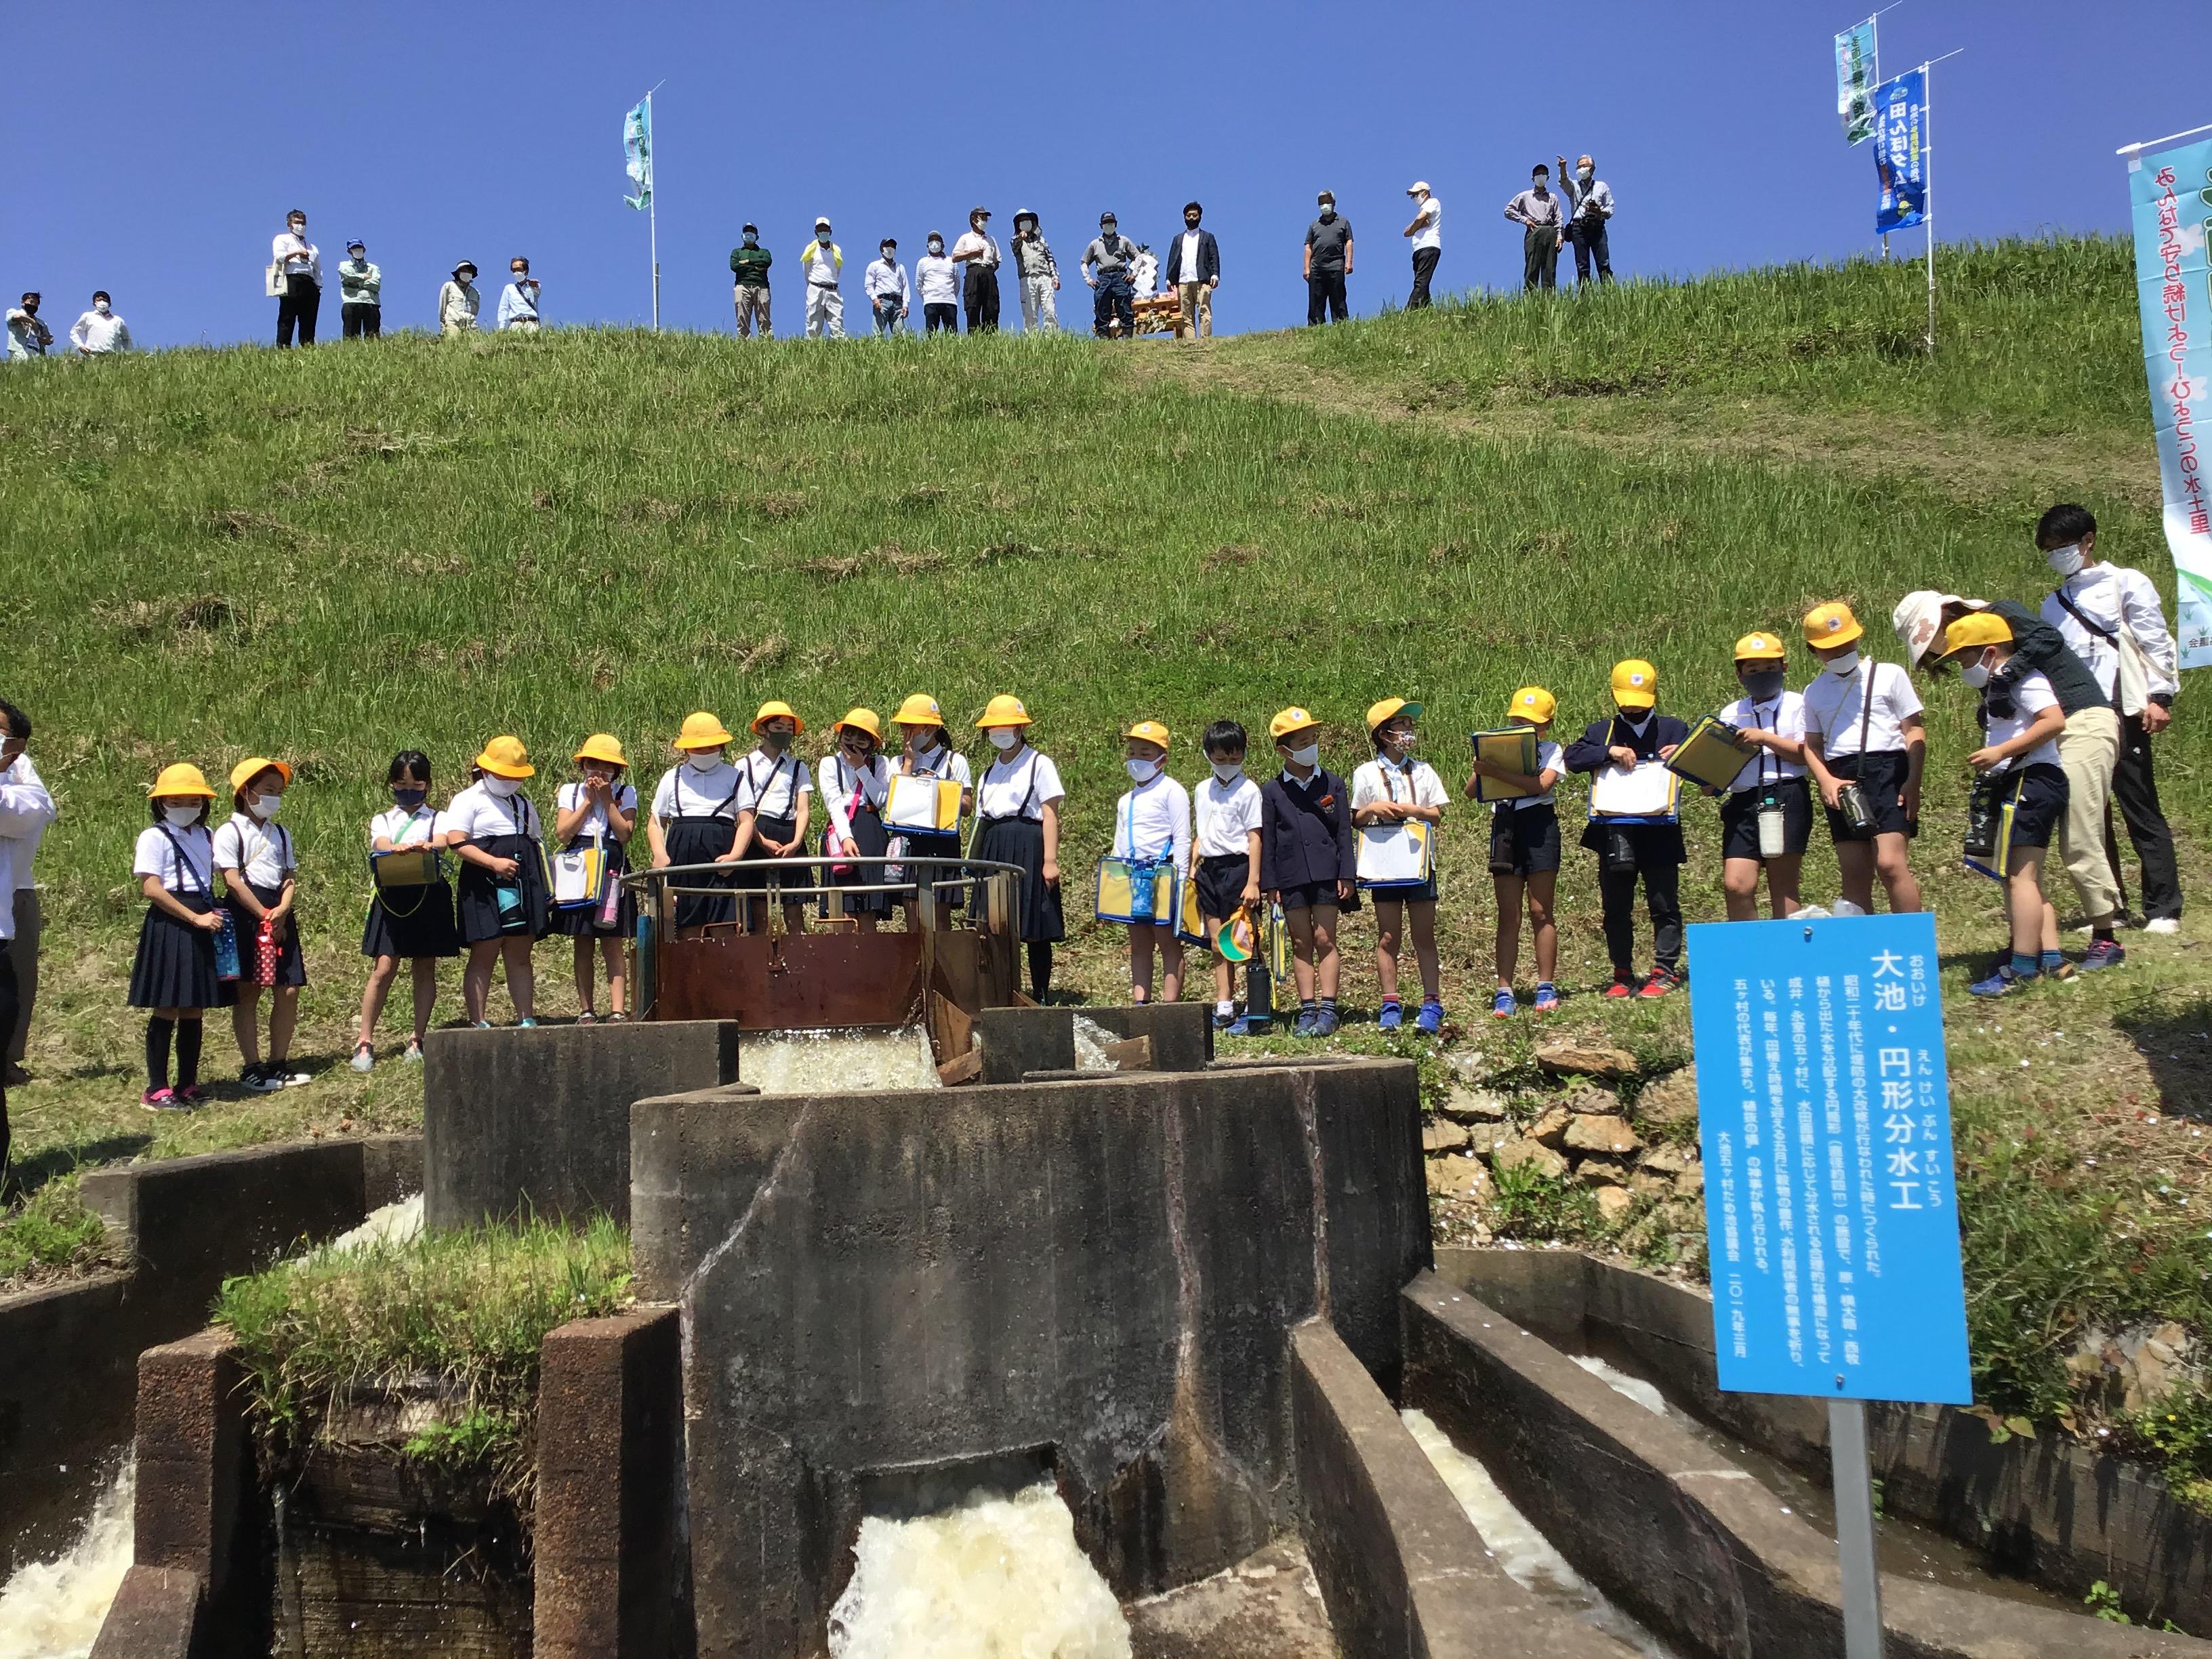 円形分水工からの湧き出る水を確認する志方西小学校の生徒たち